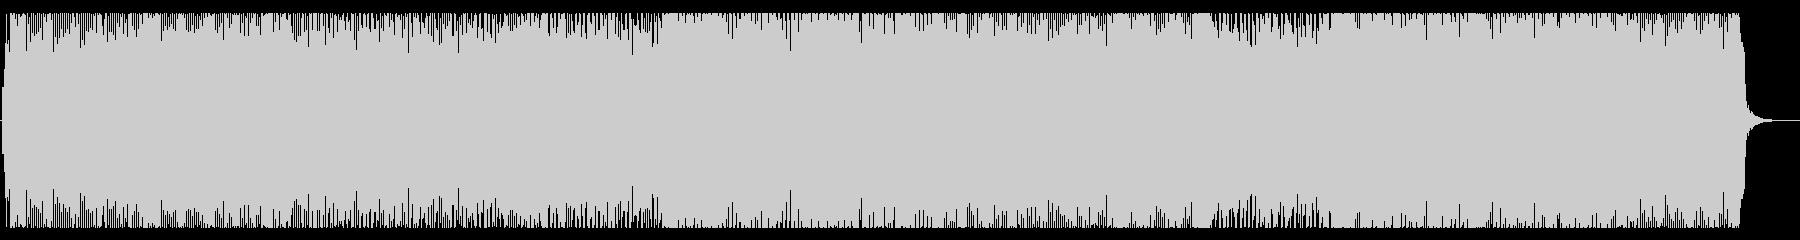 可愛らしいダンスポップ4 フル歌の未再生の波形